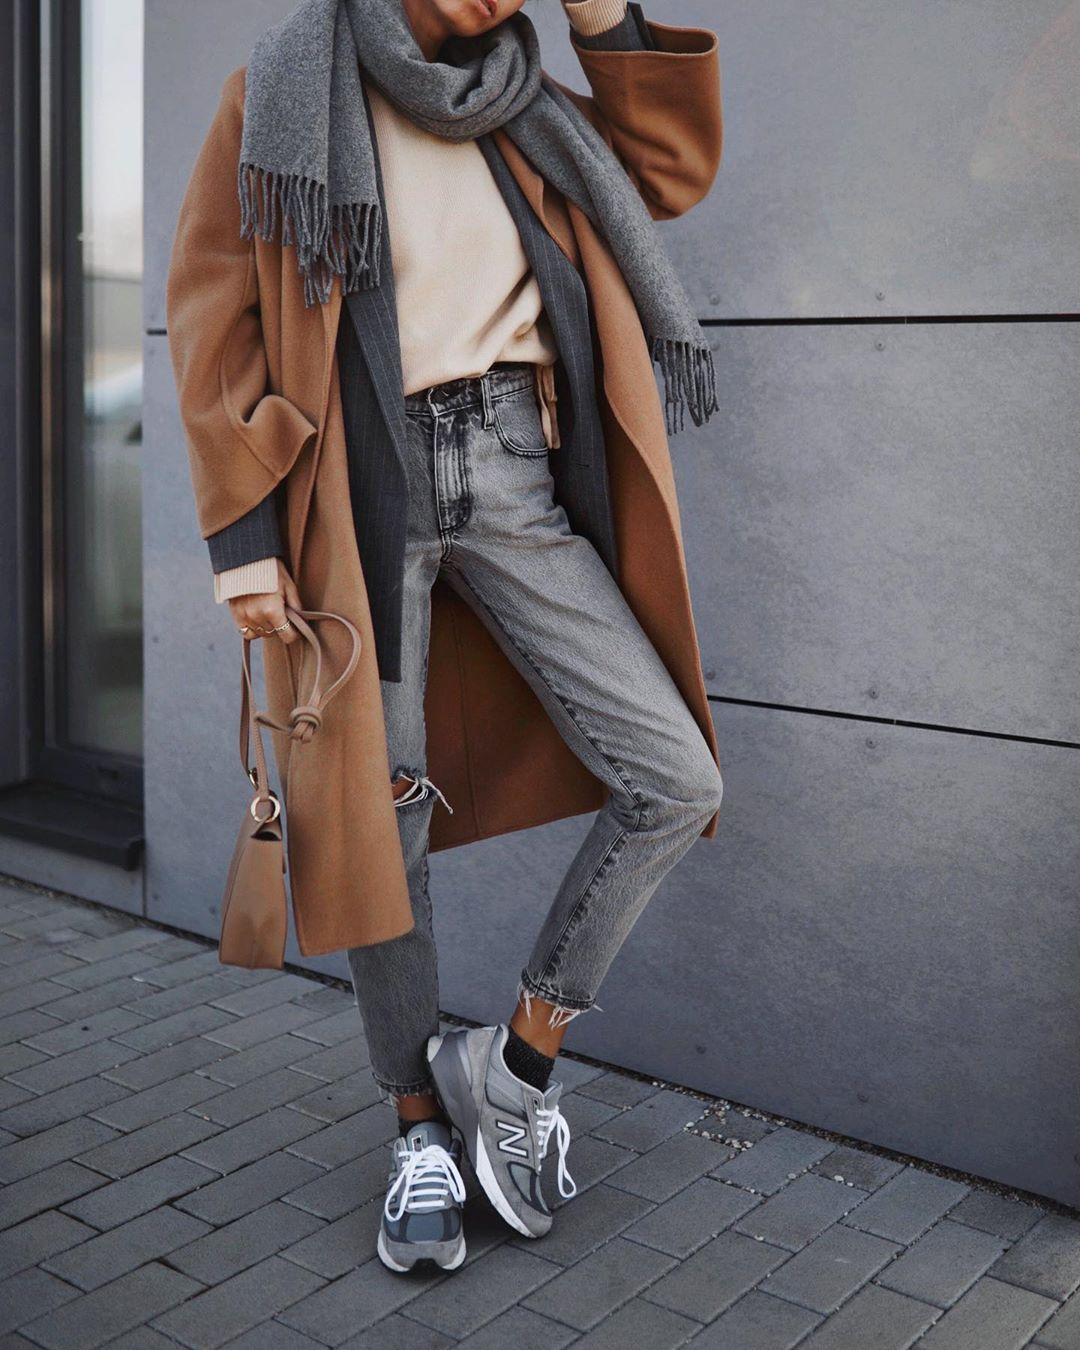 модные кроссовки весна-лето 2020 фото 12